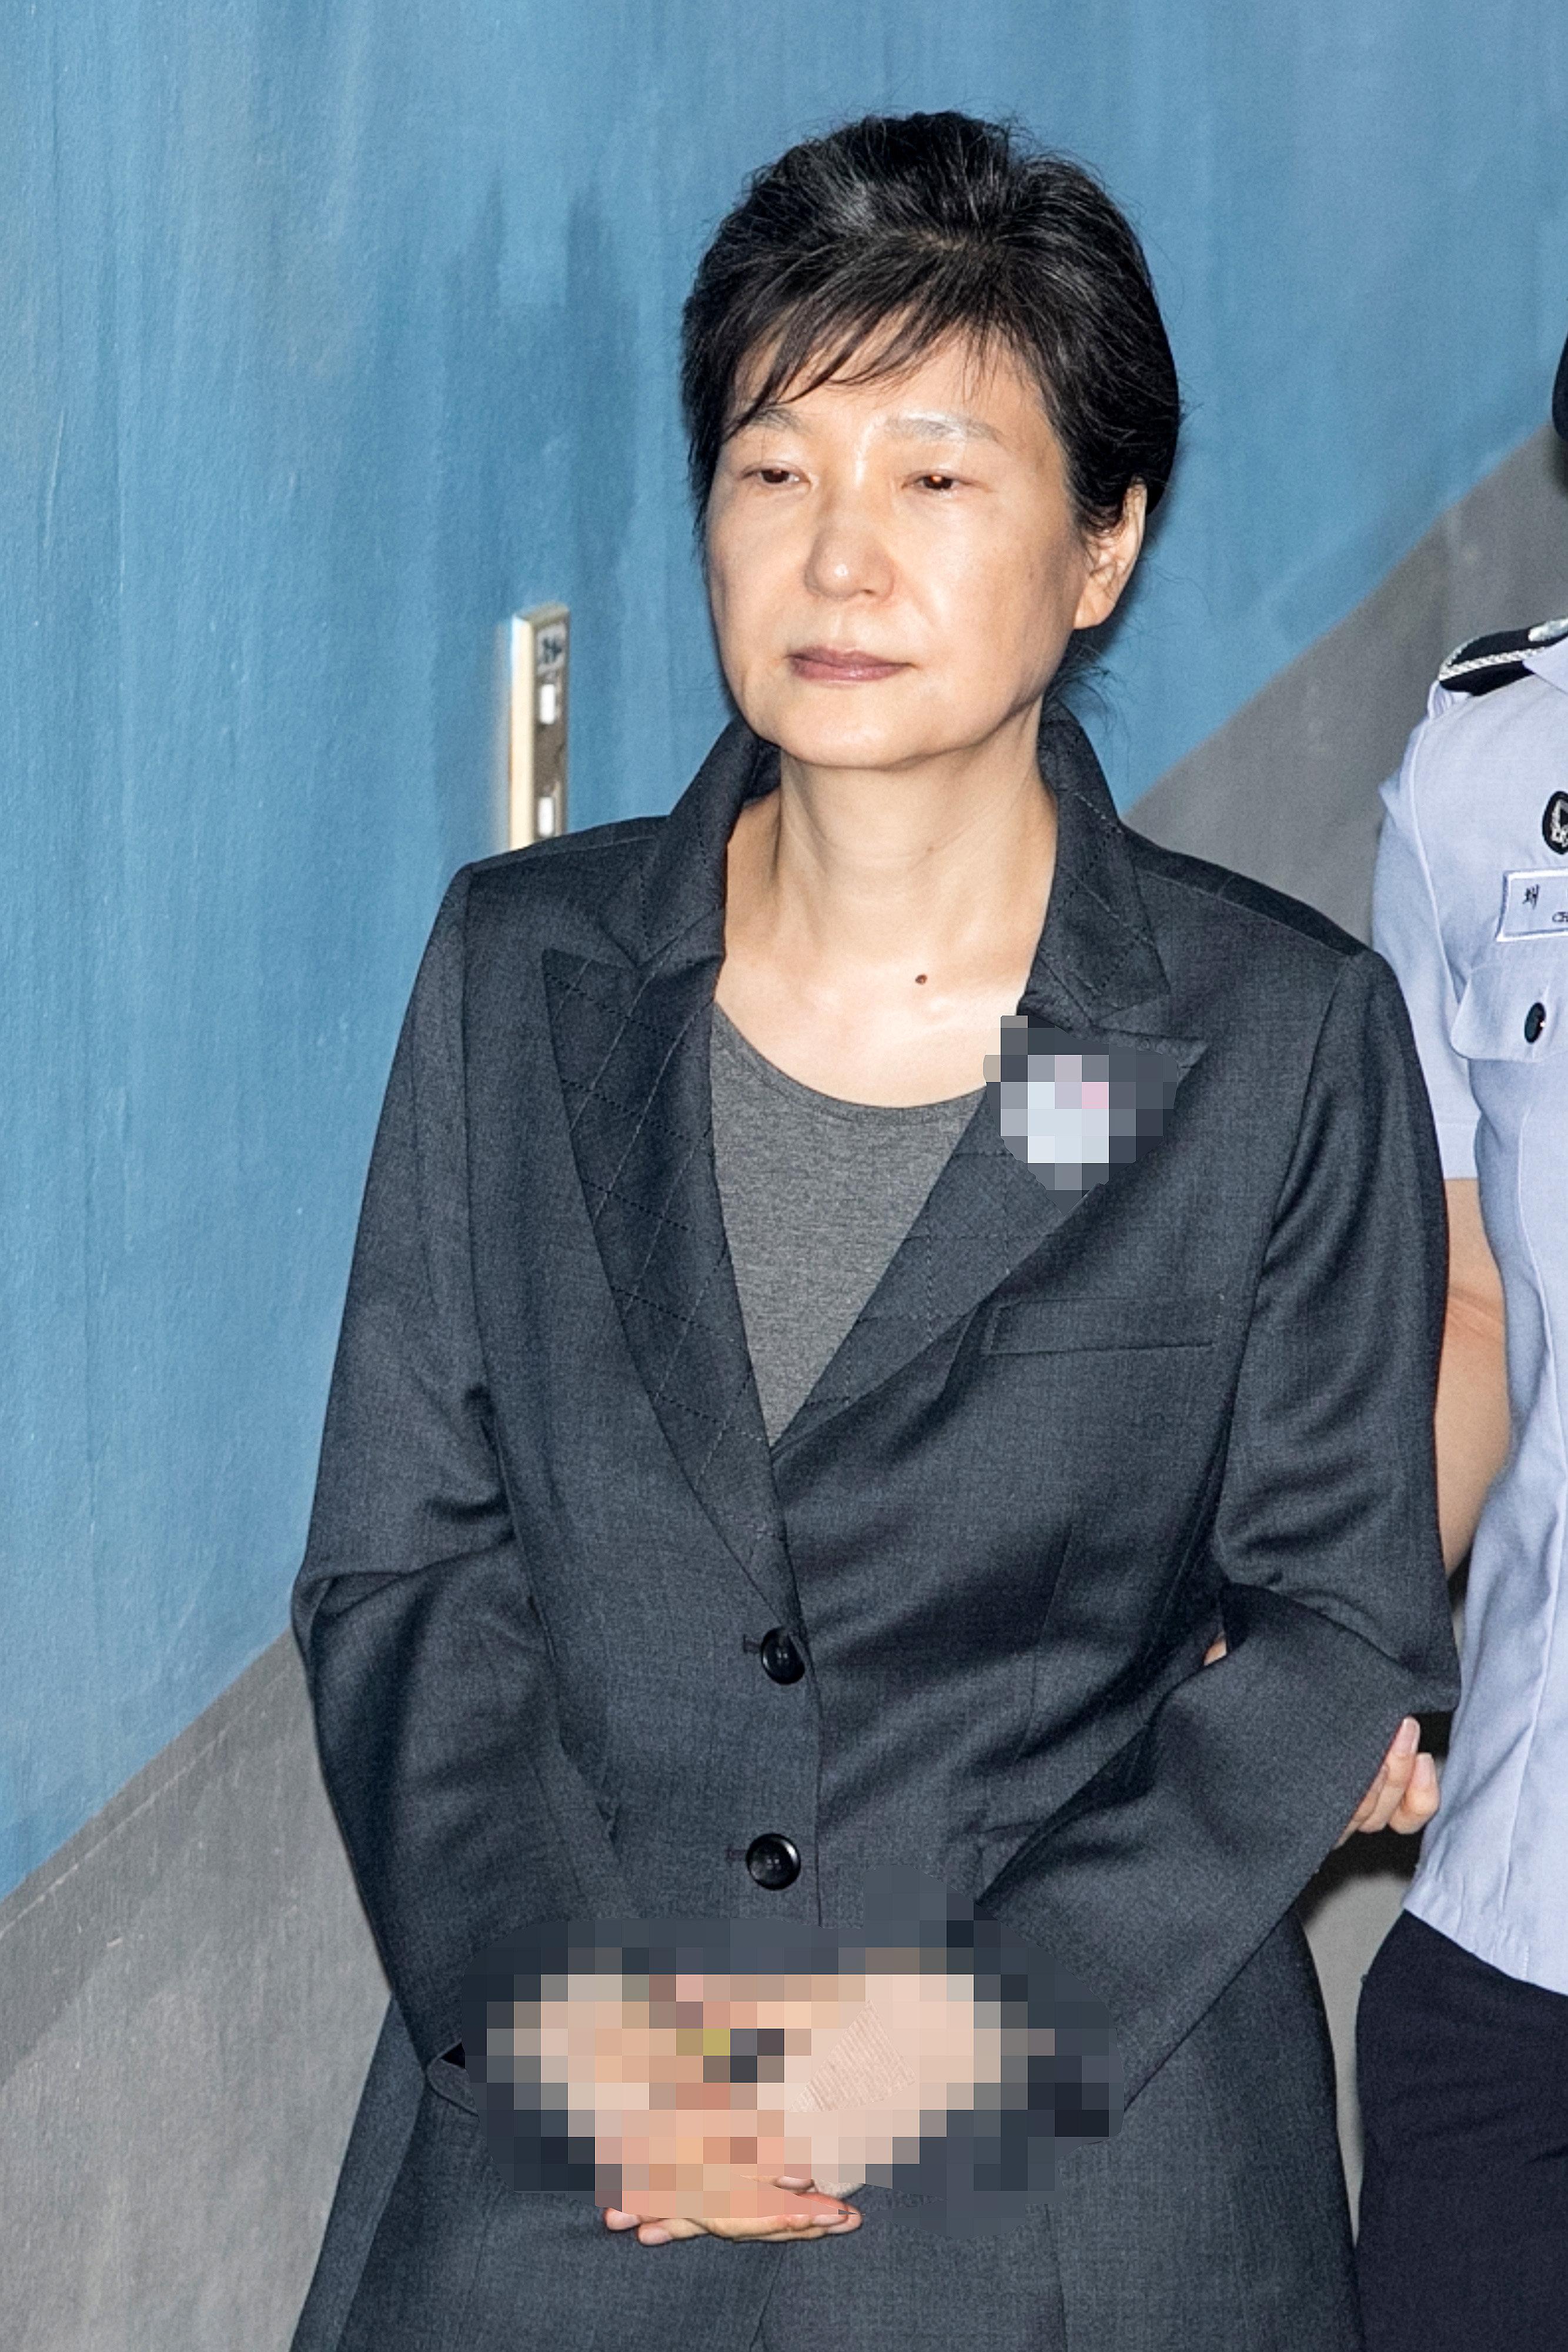 박근혜 전 대통령의 구속 기간이 4월 16일까지